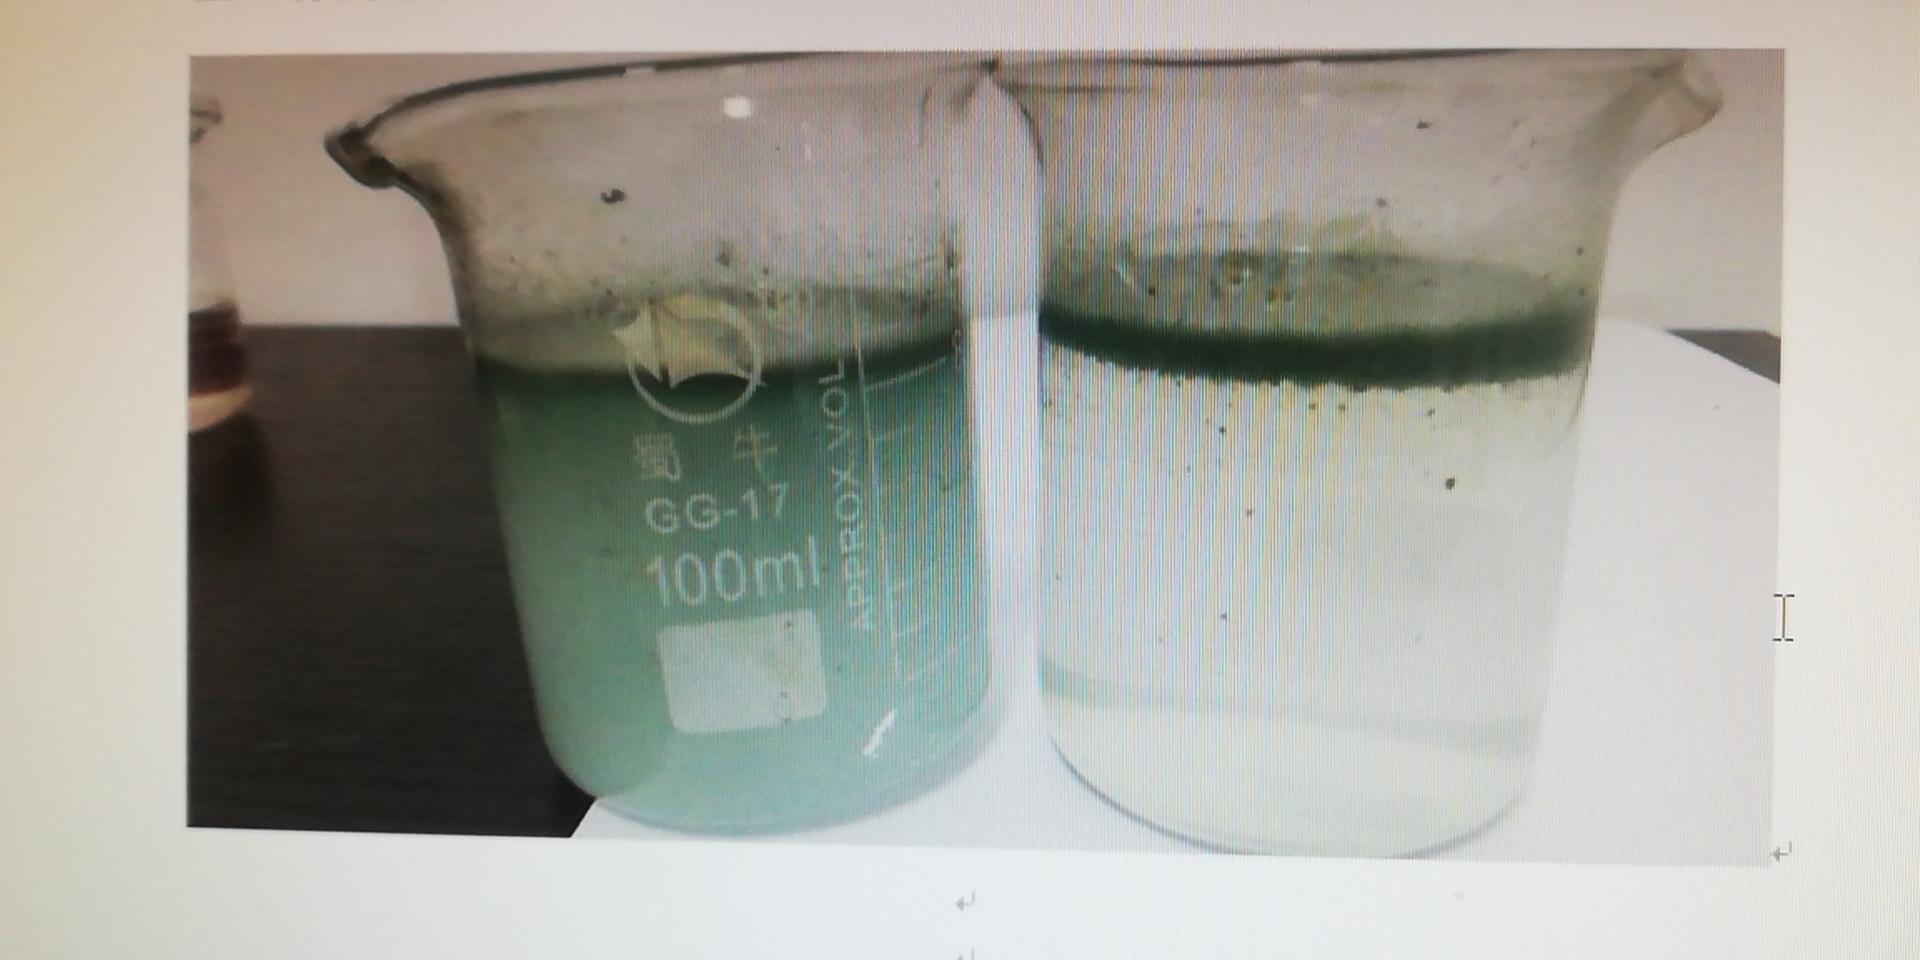 某印刷厂水性油墨污水脱色试验